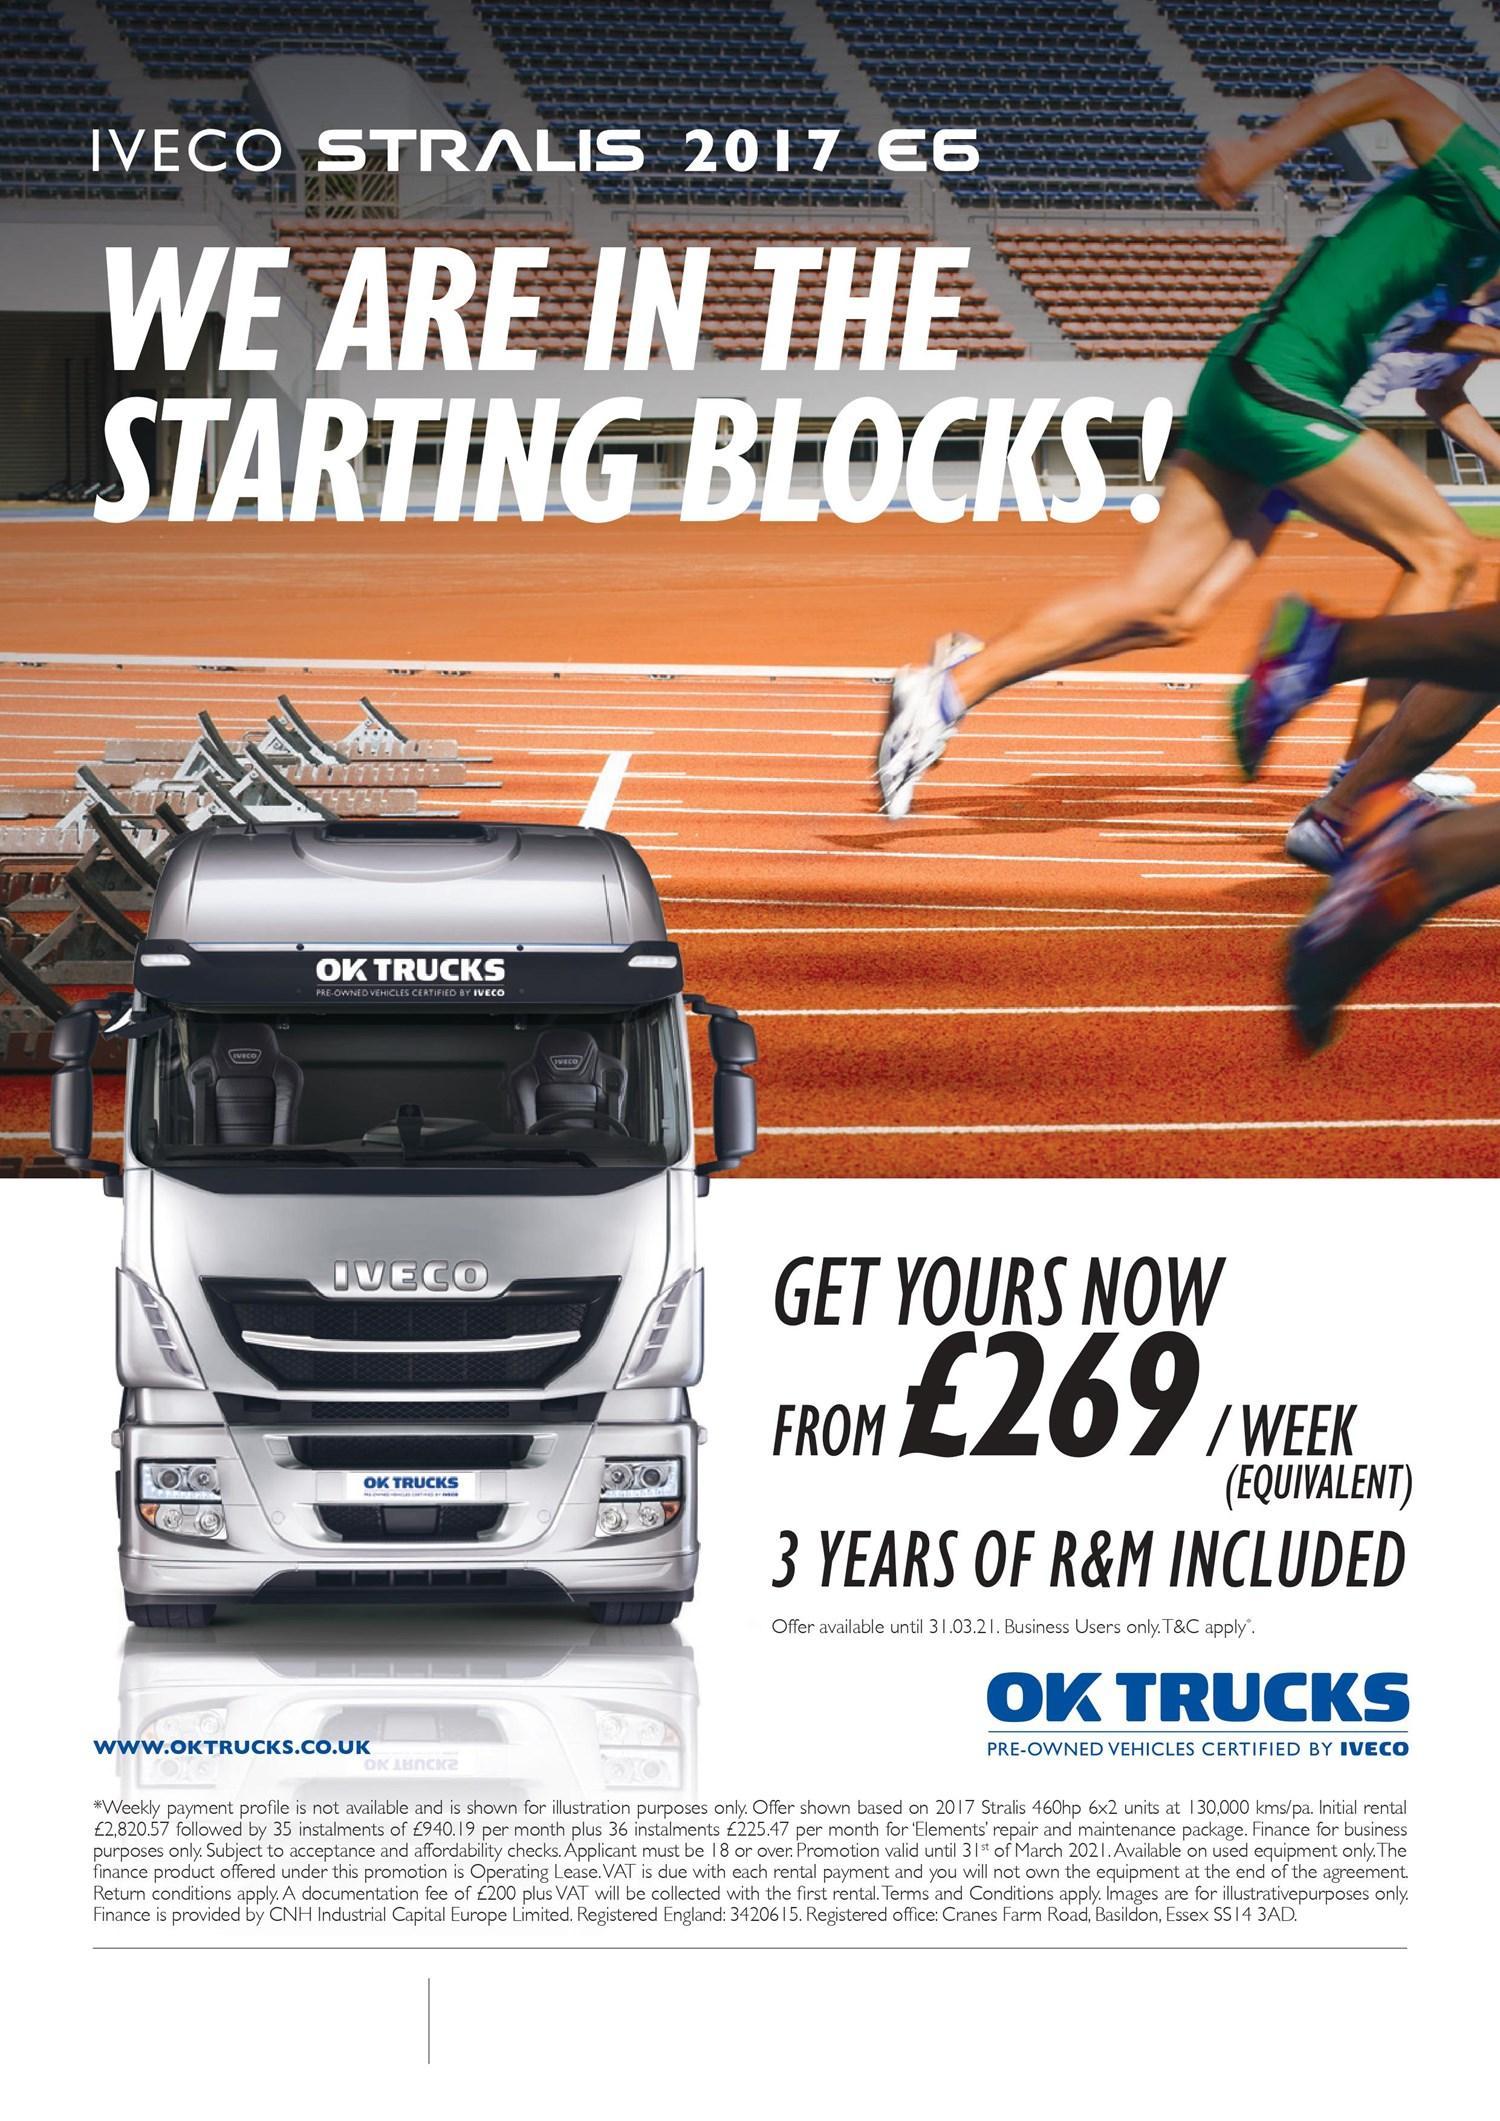 IVECO OK Trucks £269 campaign